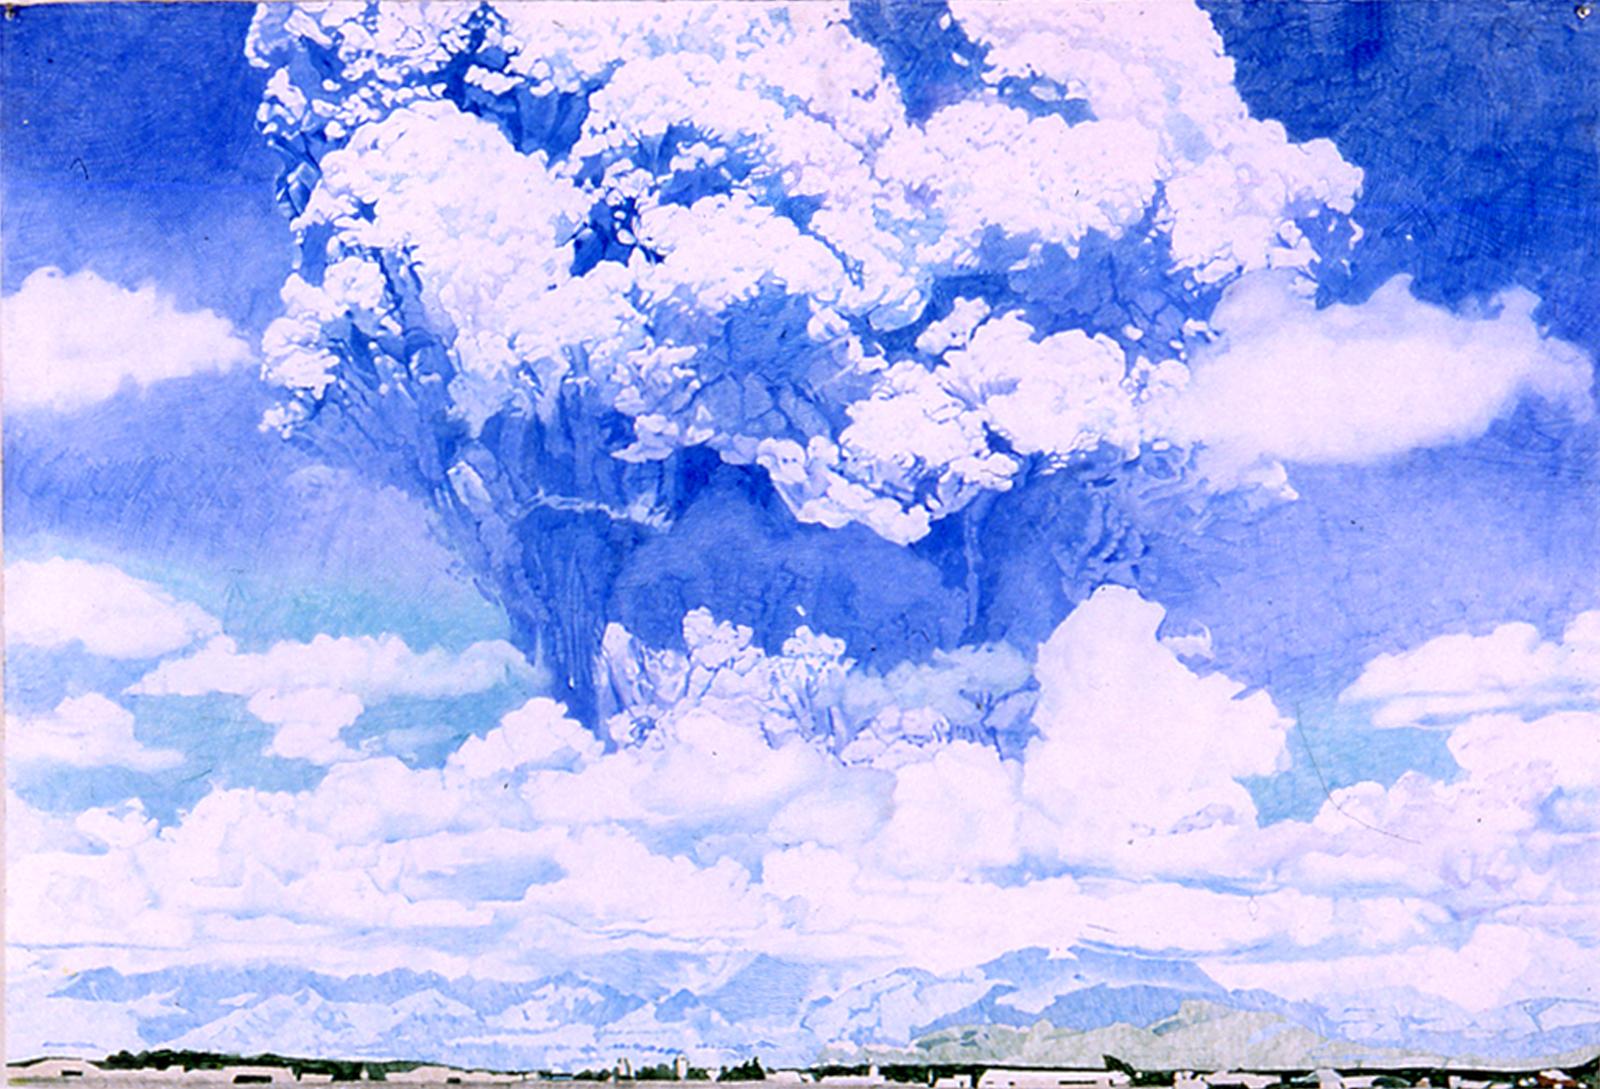 Blue Pinatubo, 1999, Colored pencil on paper, 41 x 60 inches, Progressive Collection